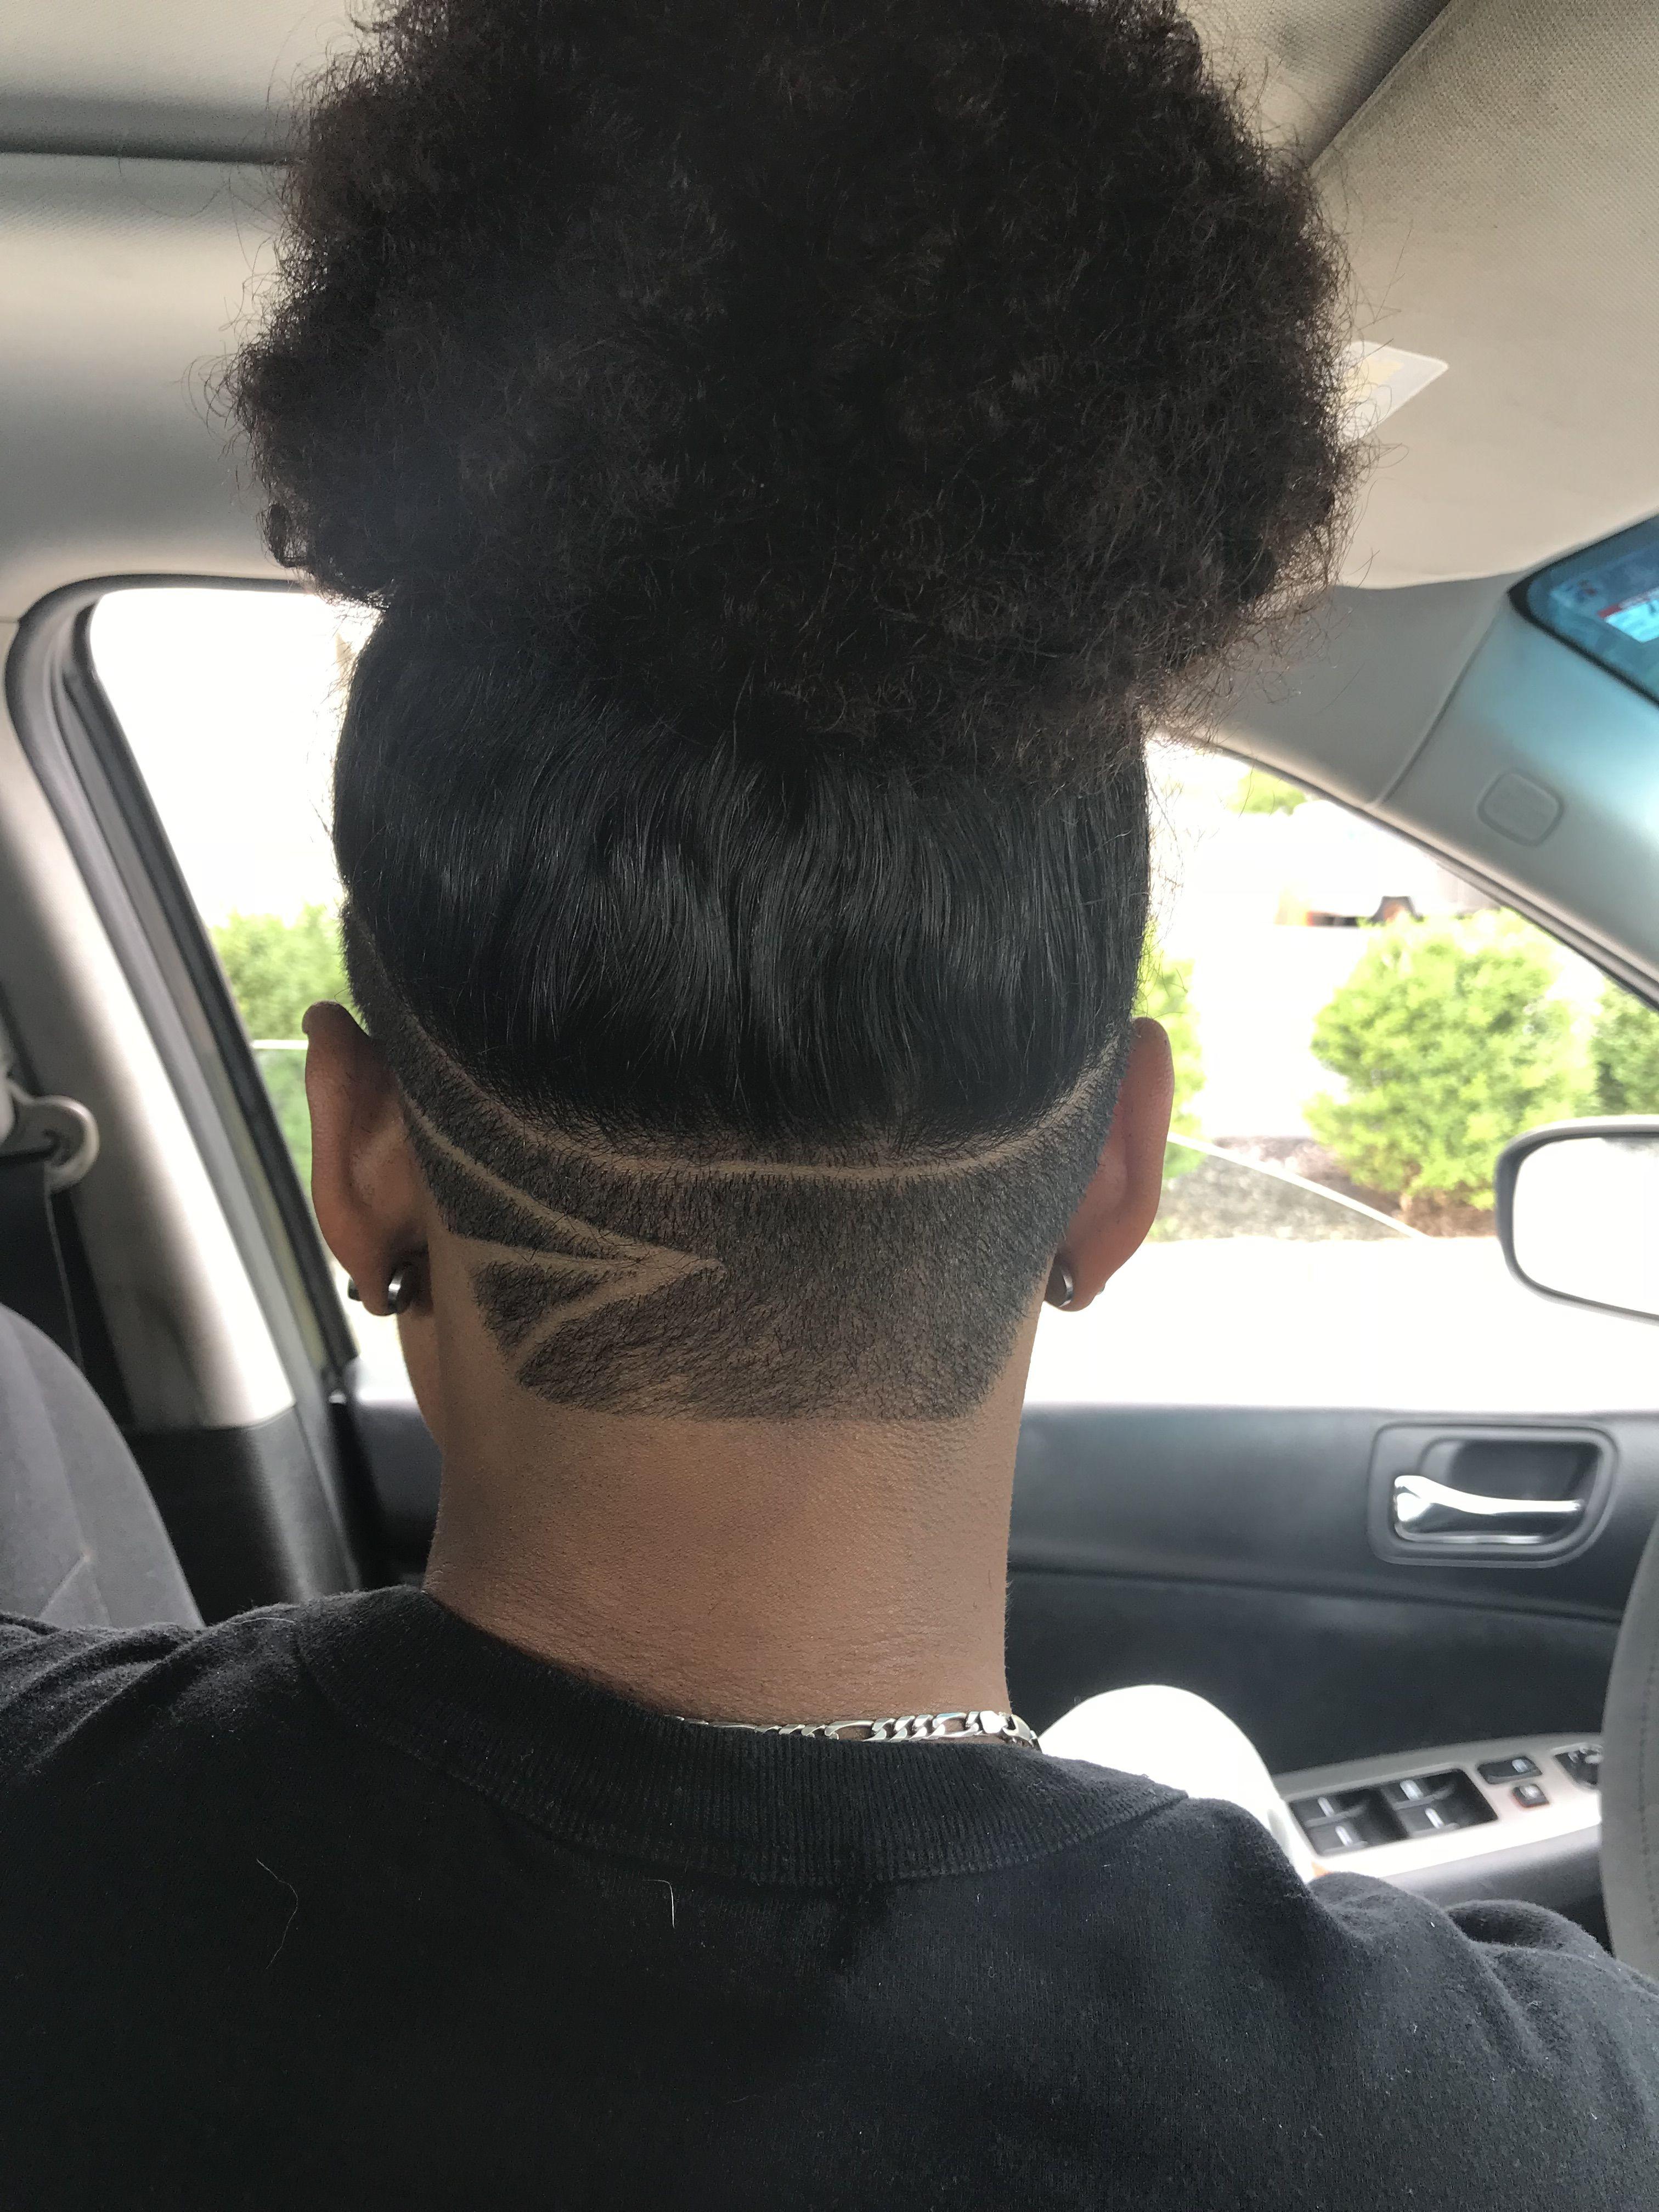 Undercut design, 3 lines design, curly hair